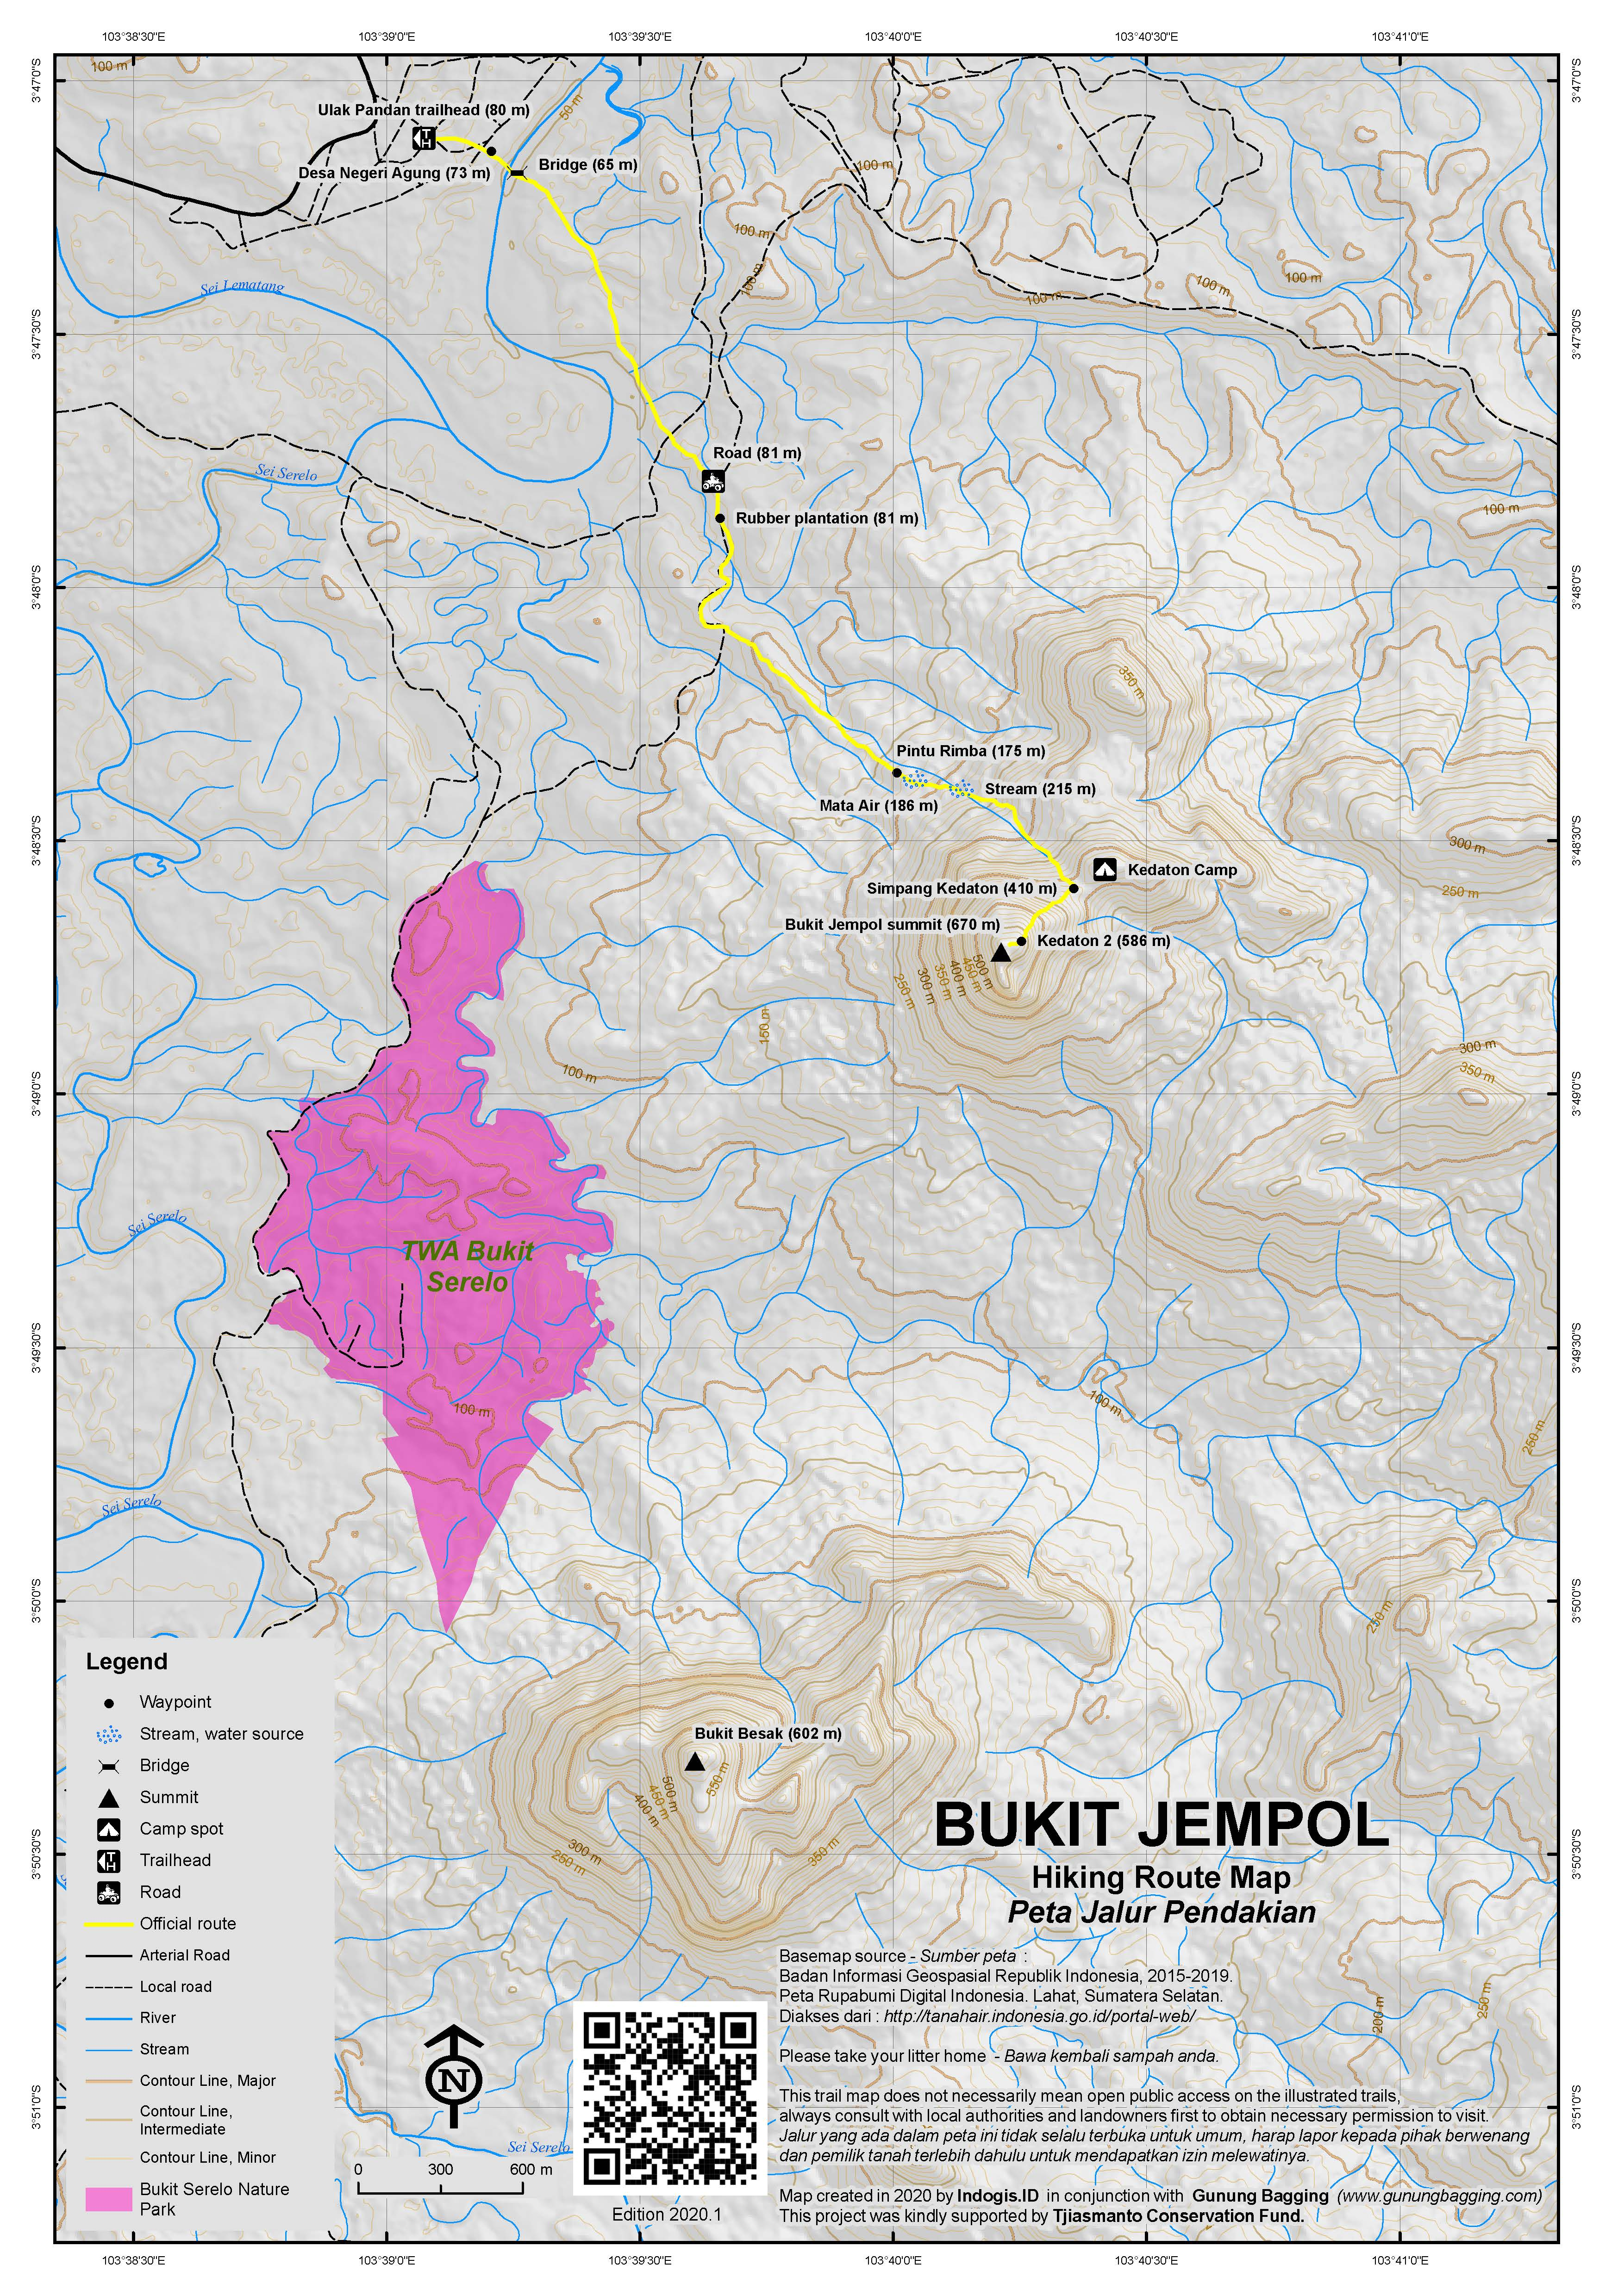 Peta Jalur Pendakian Bukit Jempol